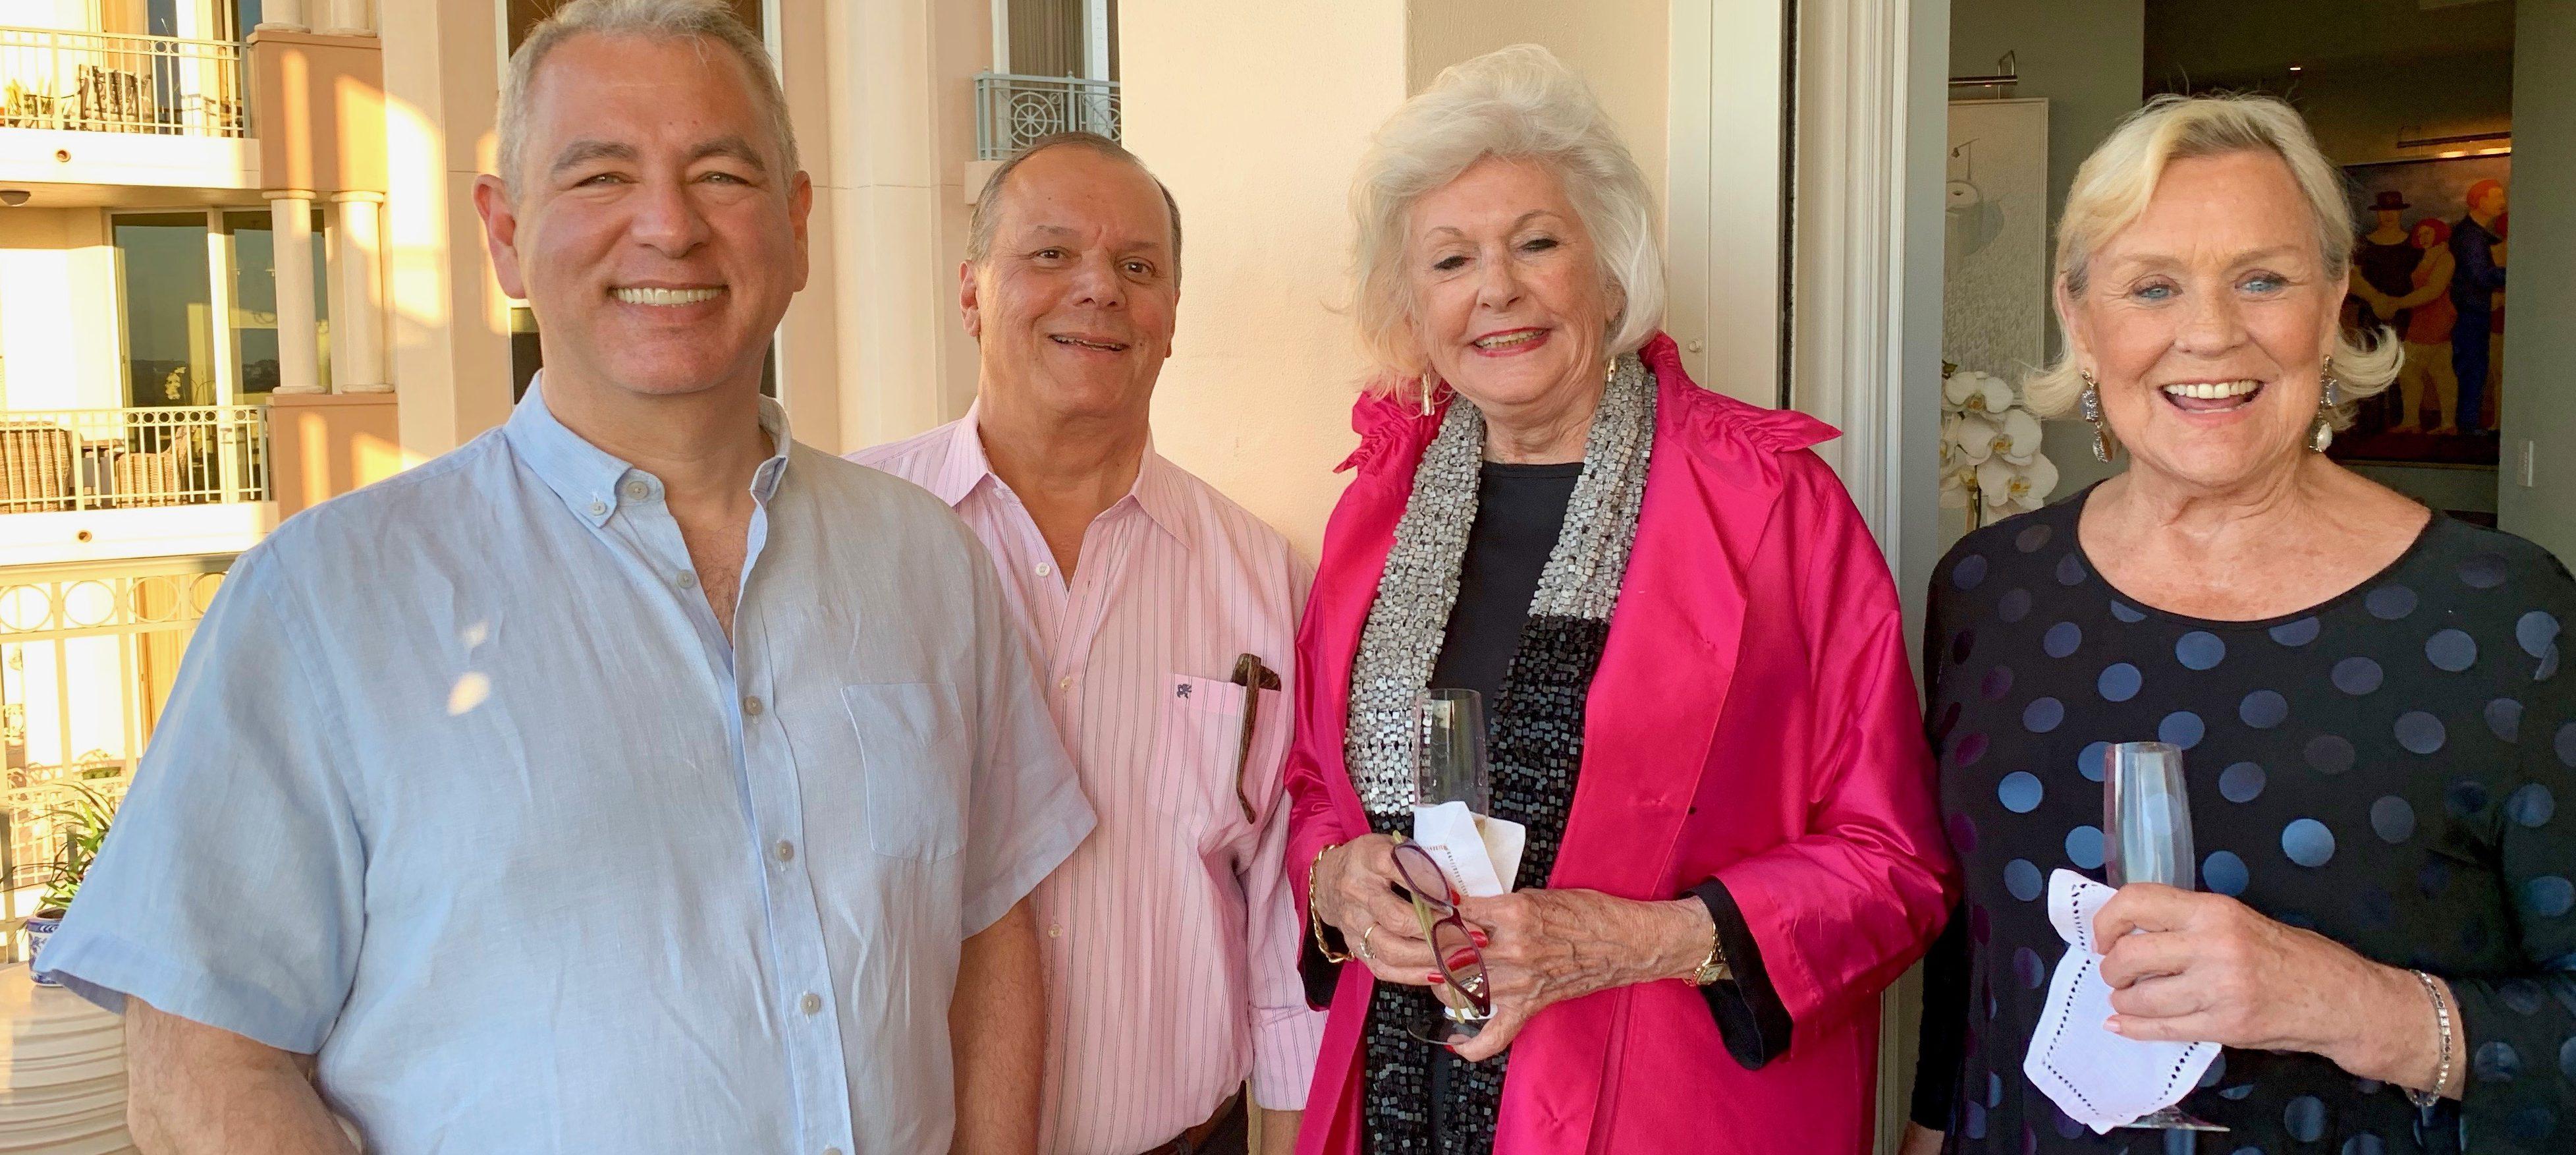 Easter in Miami – Nurturing friendships